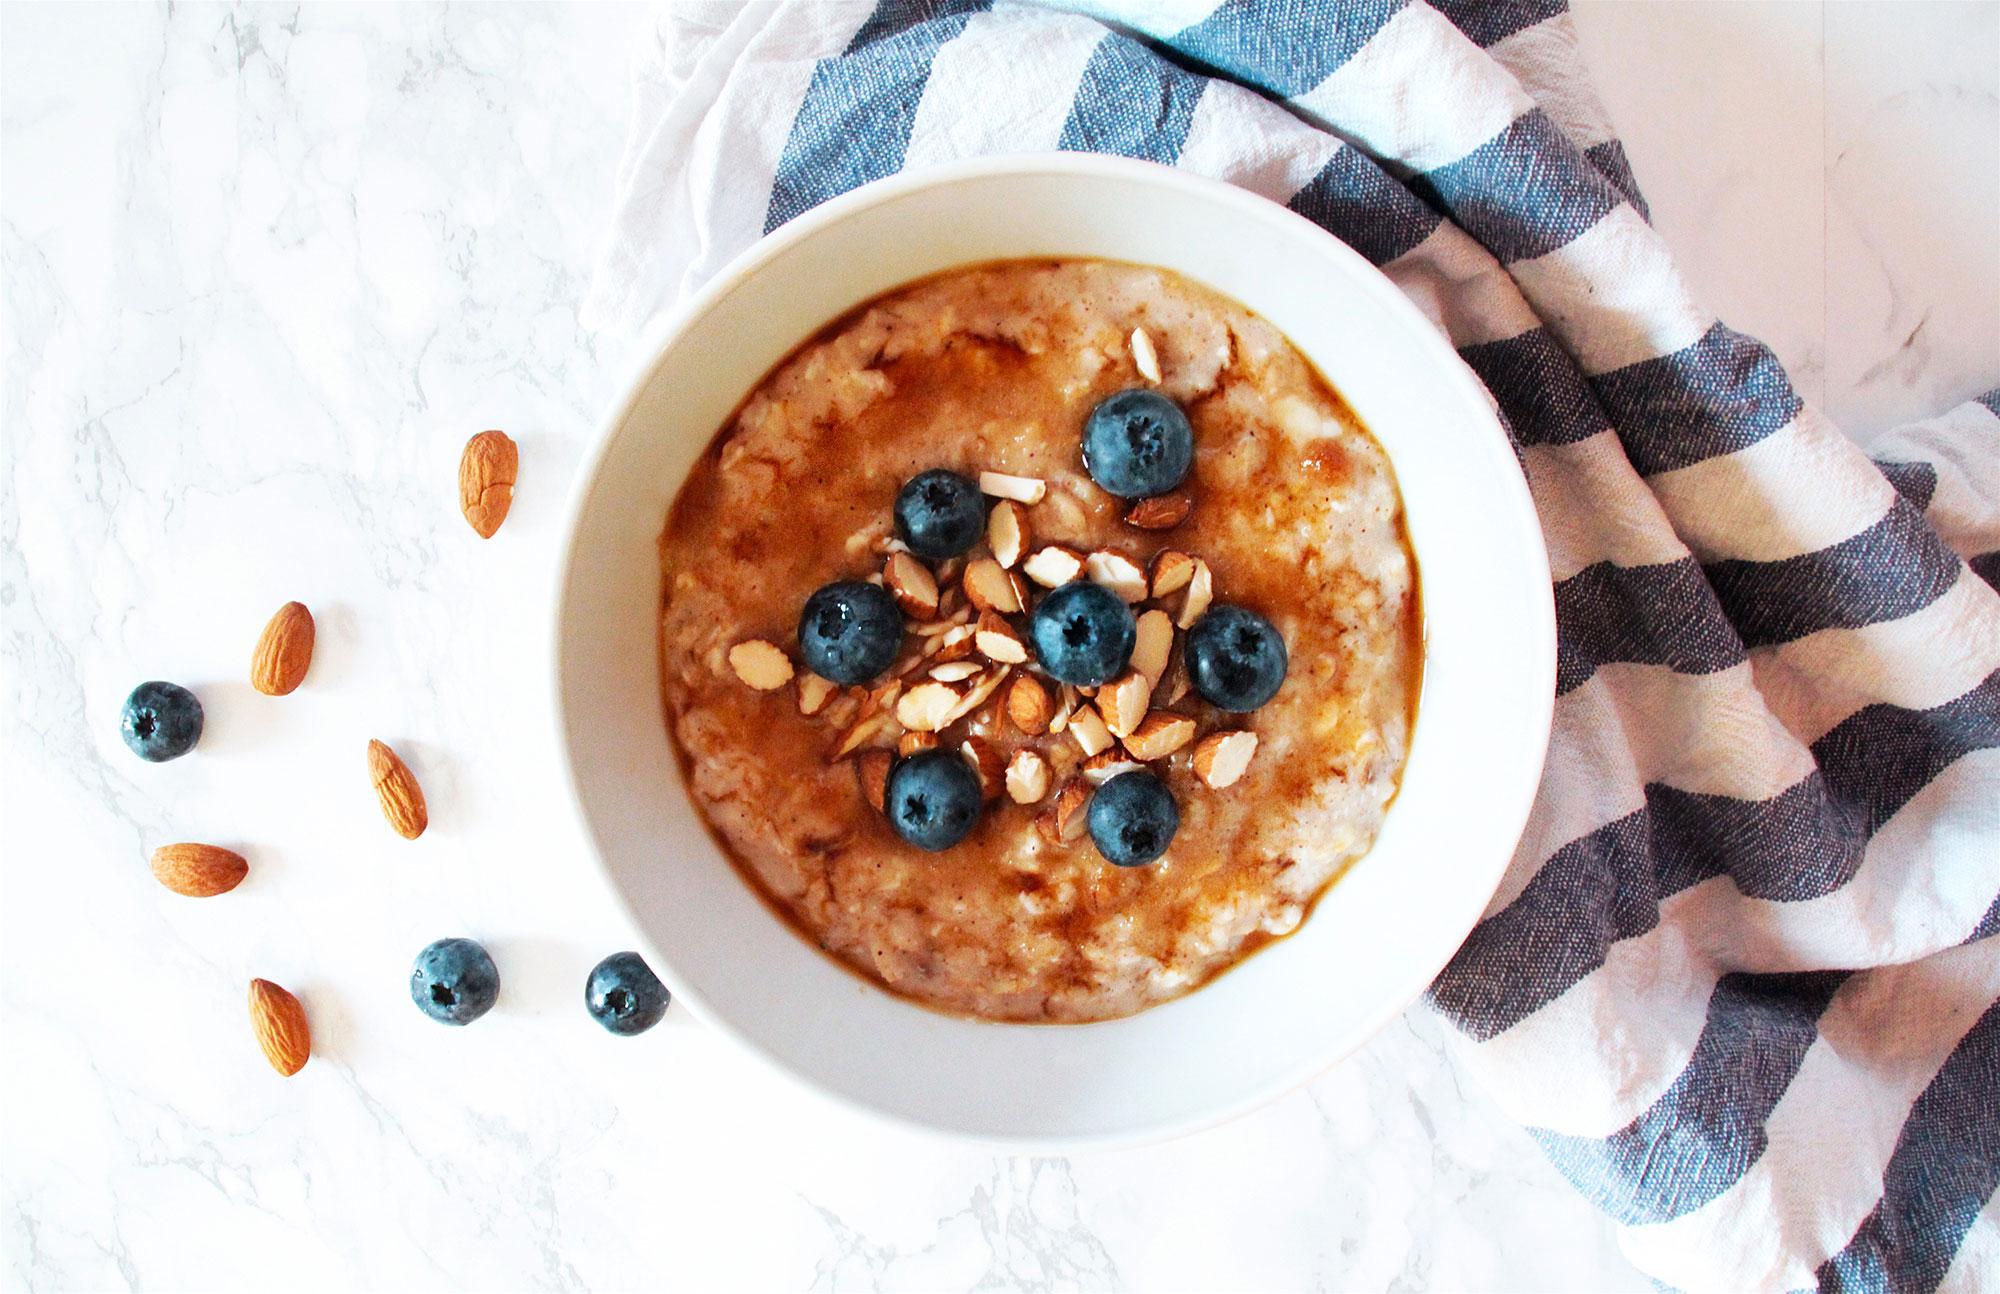 Kuva: Valkoisella tasolla lautasellinen kaurapuuroa, siniraitainen keittiöpyyhe, mustikoita ja manteleita.